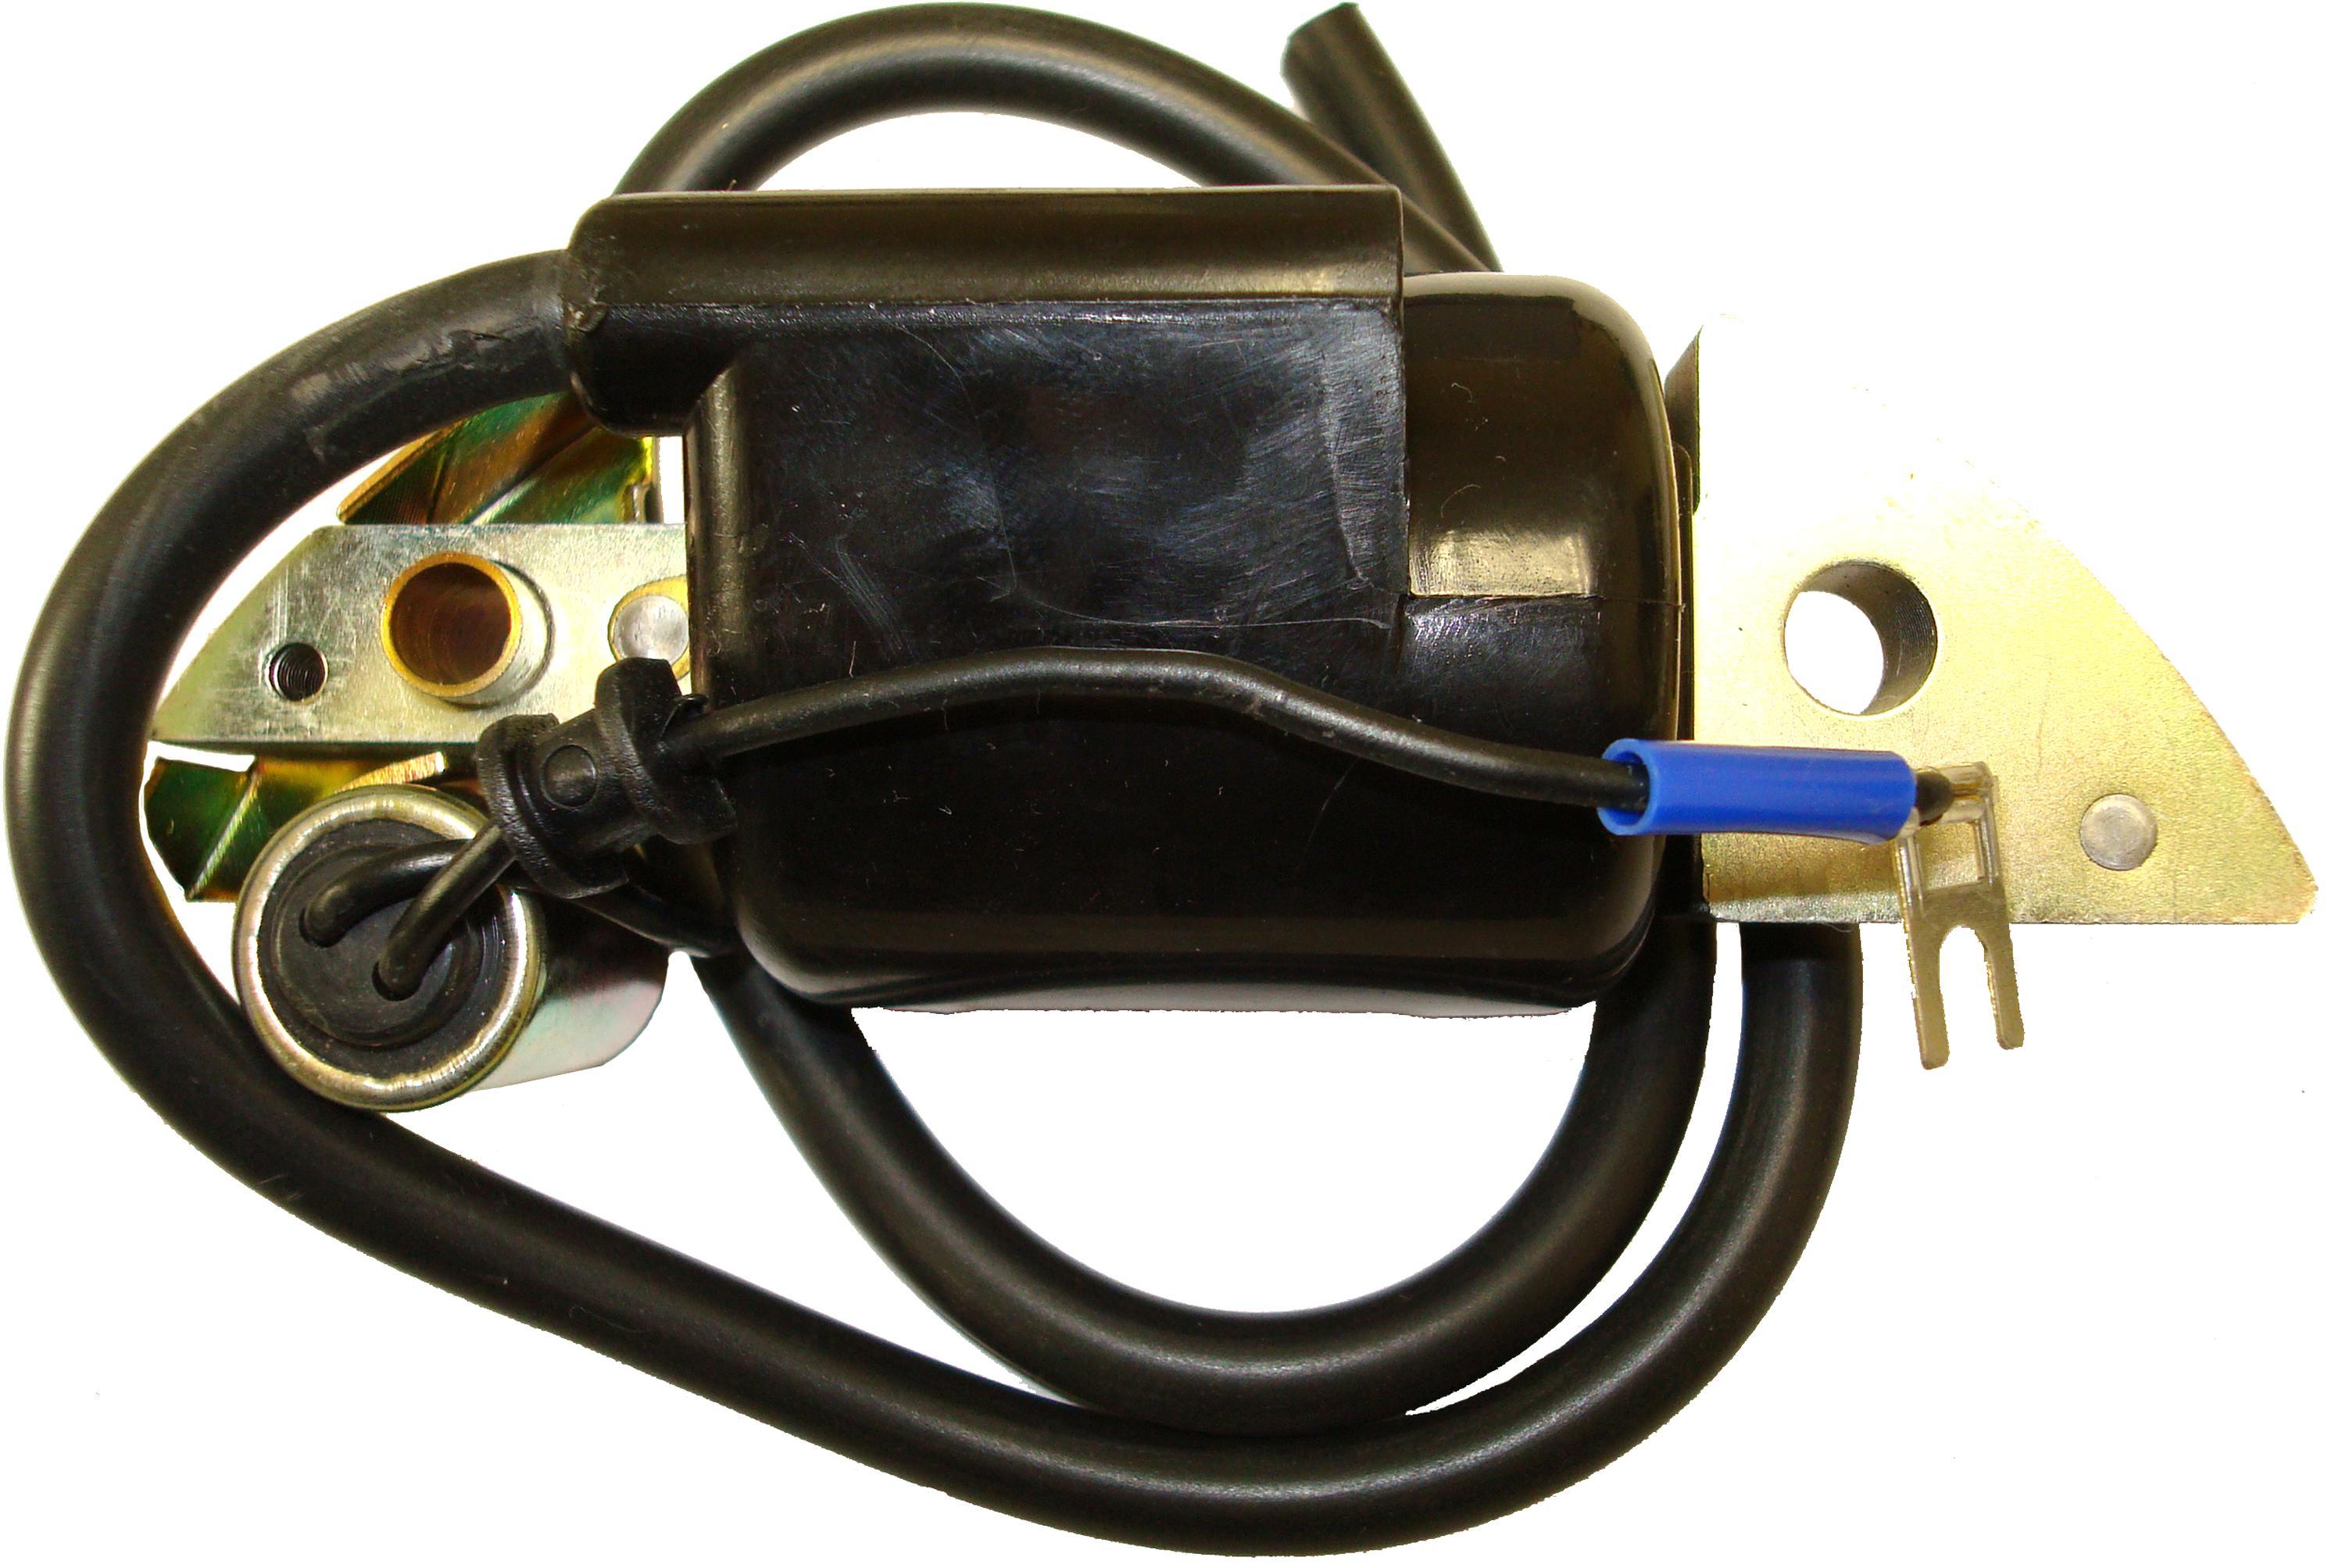 moteur motoculteur allumage moteur motoculteur d'occasion